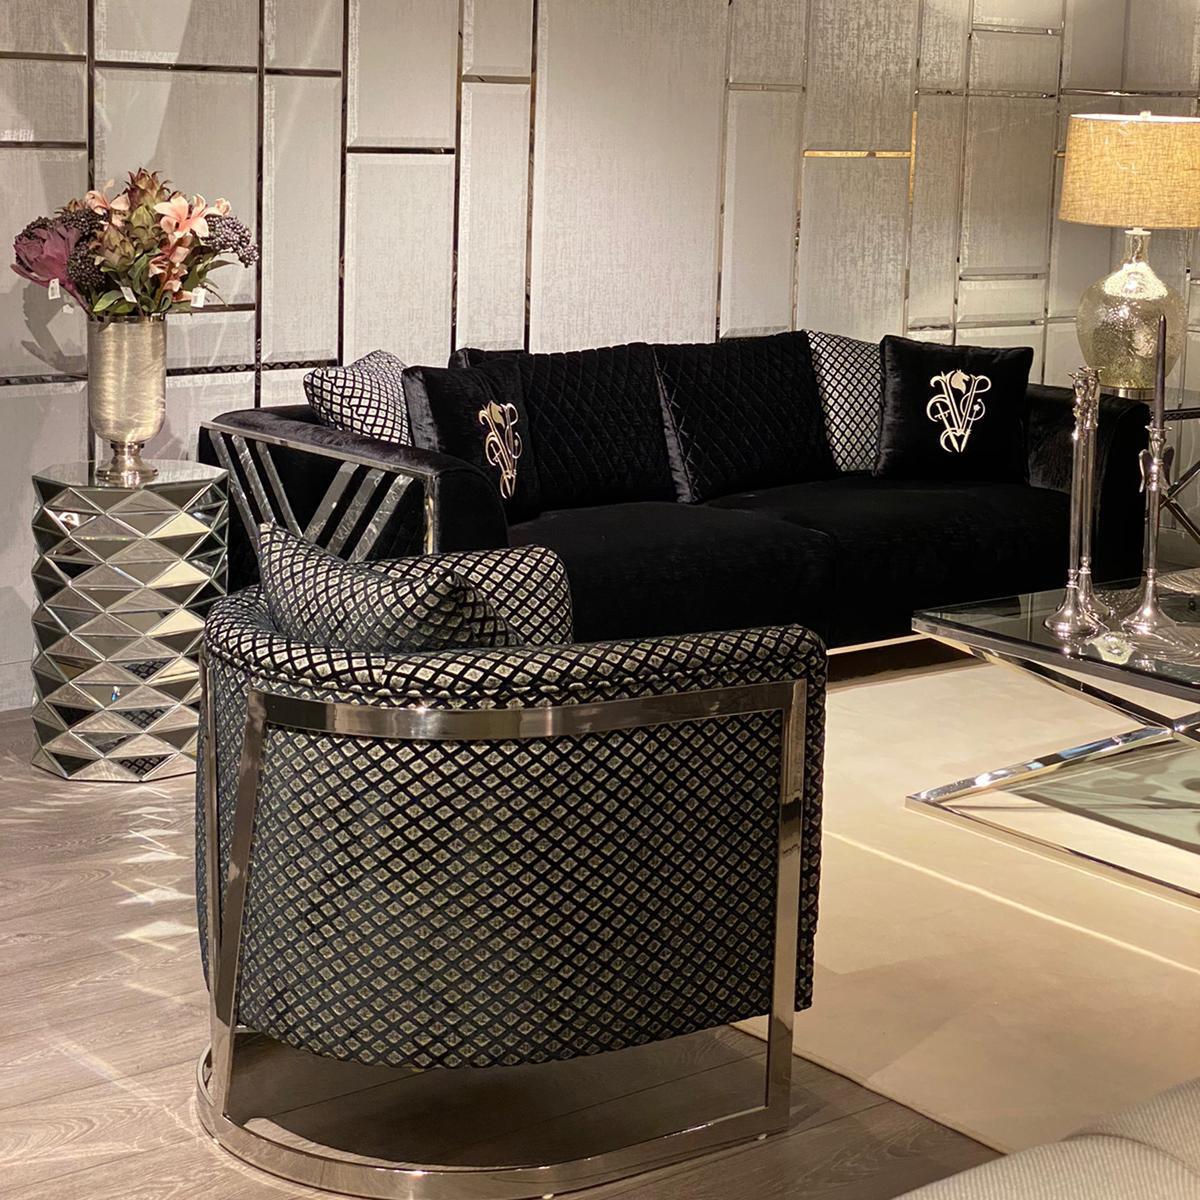 Salon İçin Etkileyici Dekorasyon ve İç Dizayn Fikirleri